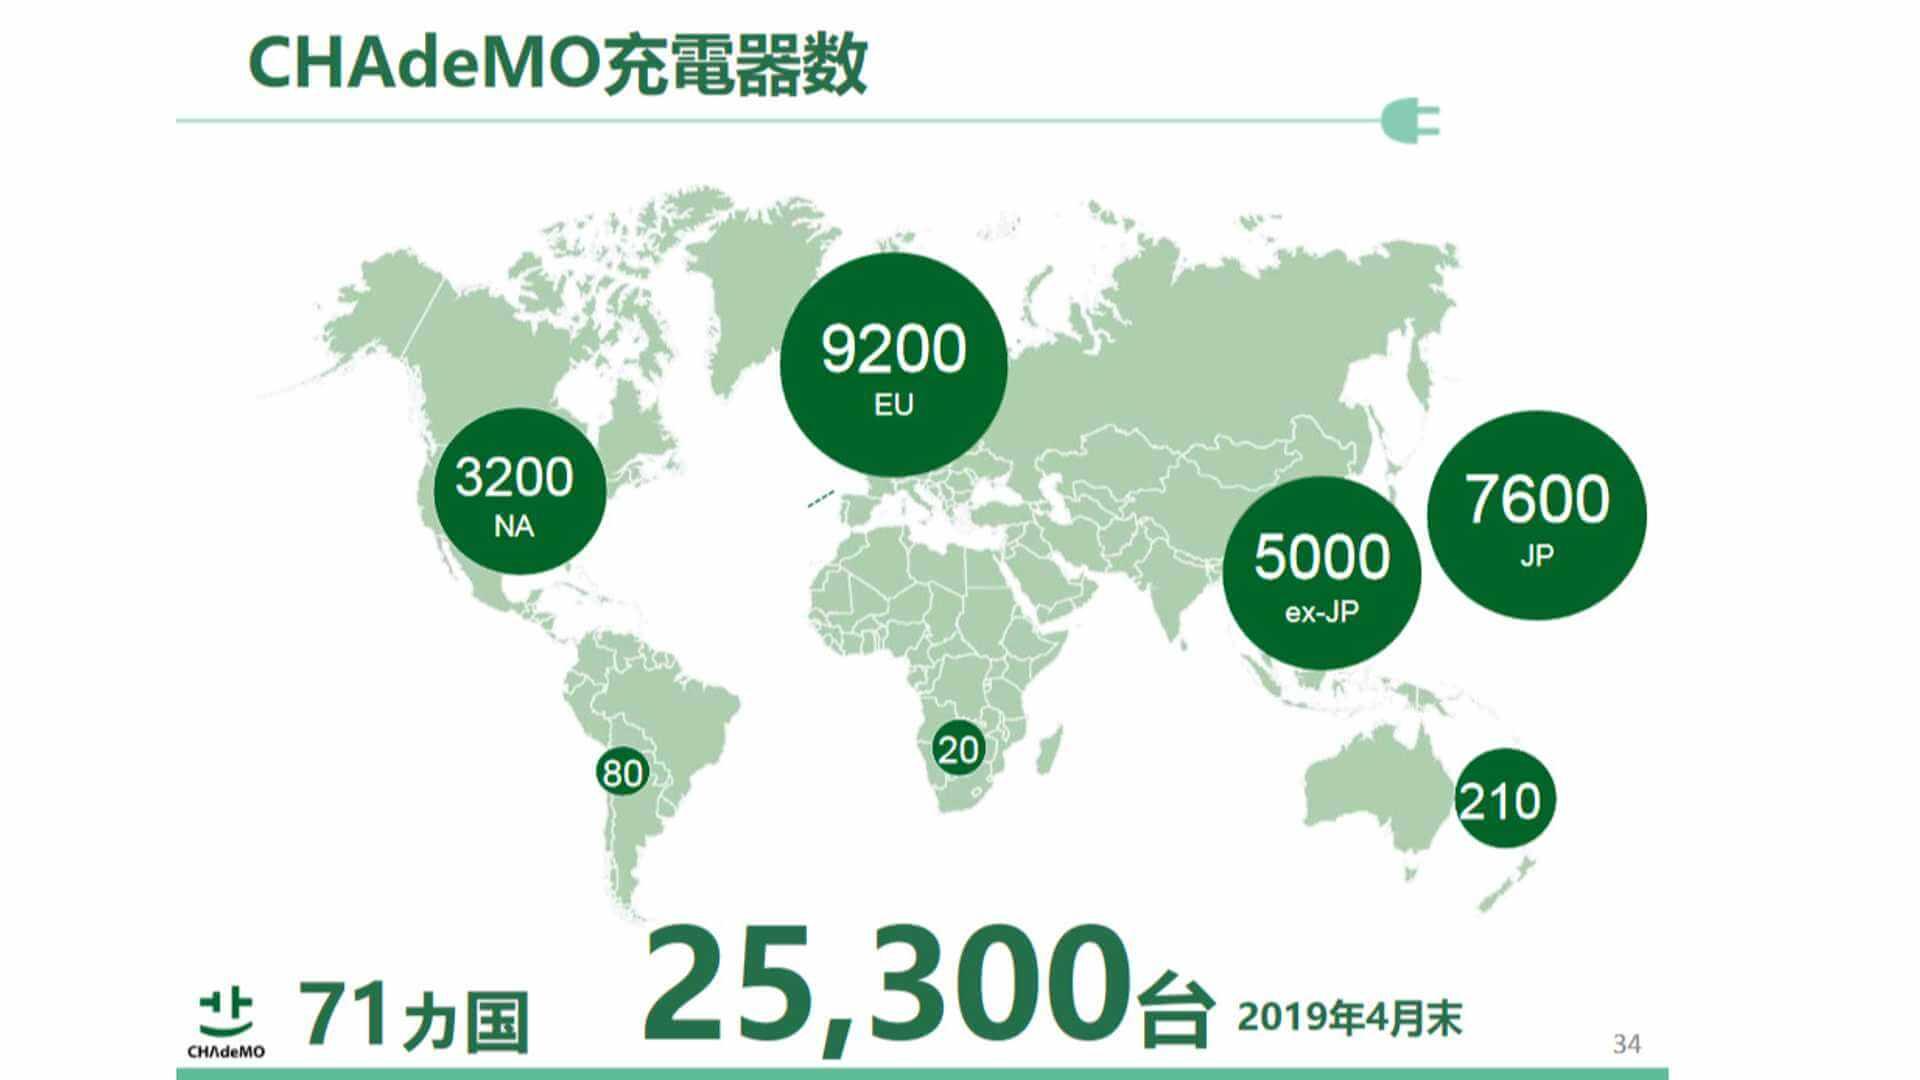 Количество зарядных устройств CHAdeMO повсему миру увеличилось до25300 единиц